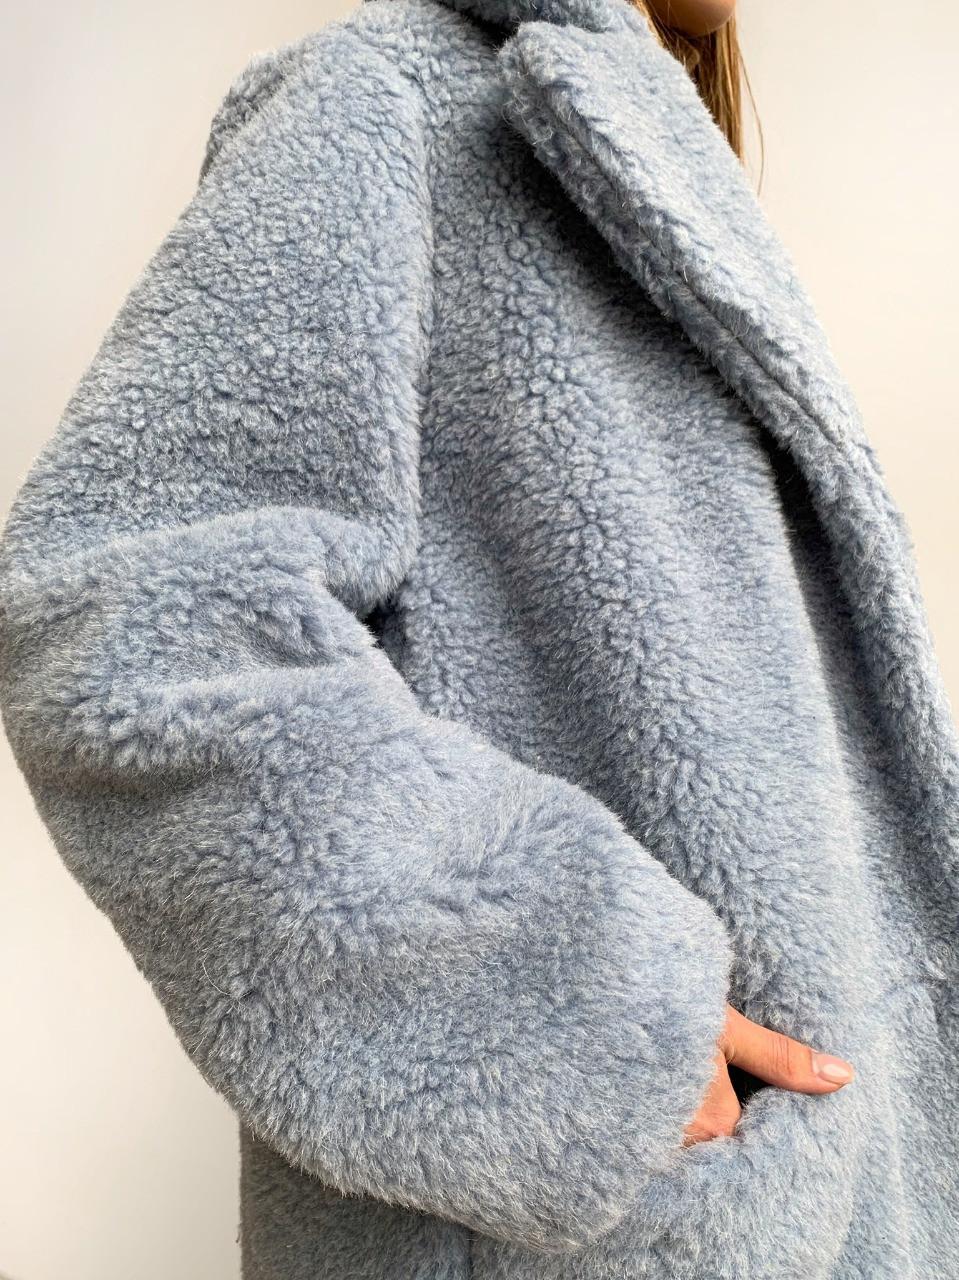 Шуба из натуральной стриженой овечьей шерсти длина 110 см, прорезные карманы, голубой цвет - фото 6